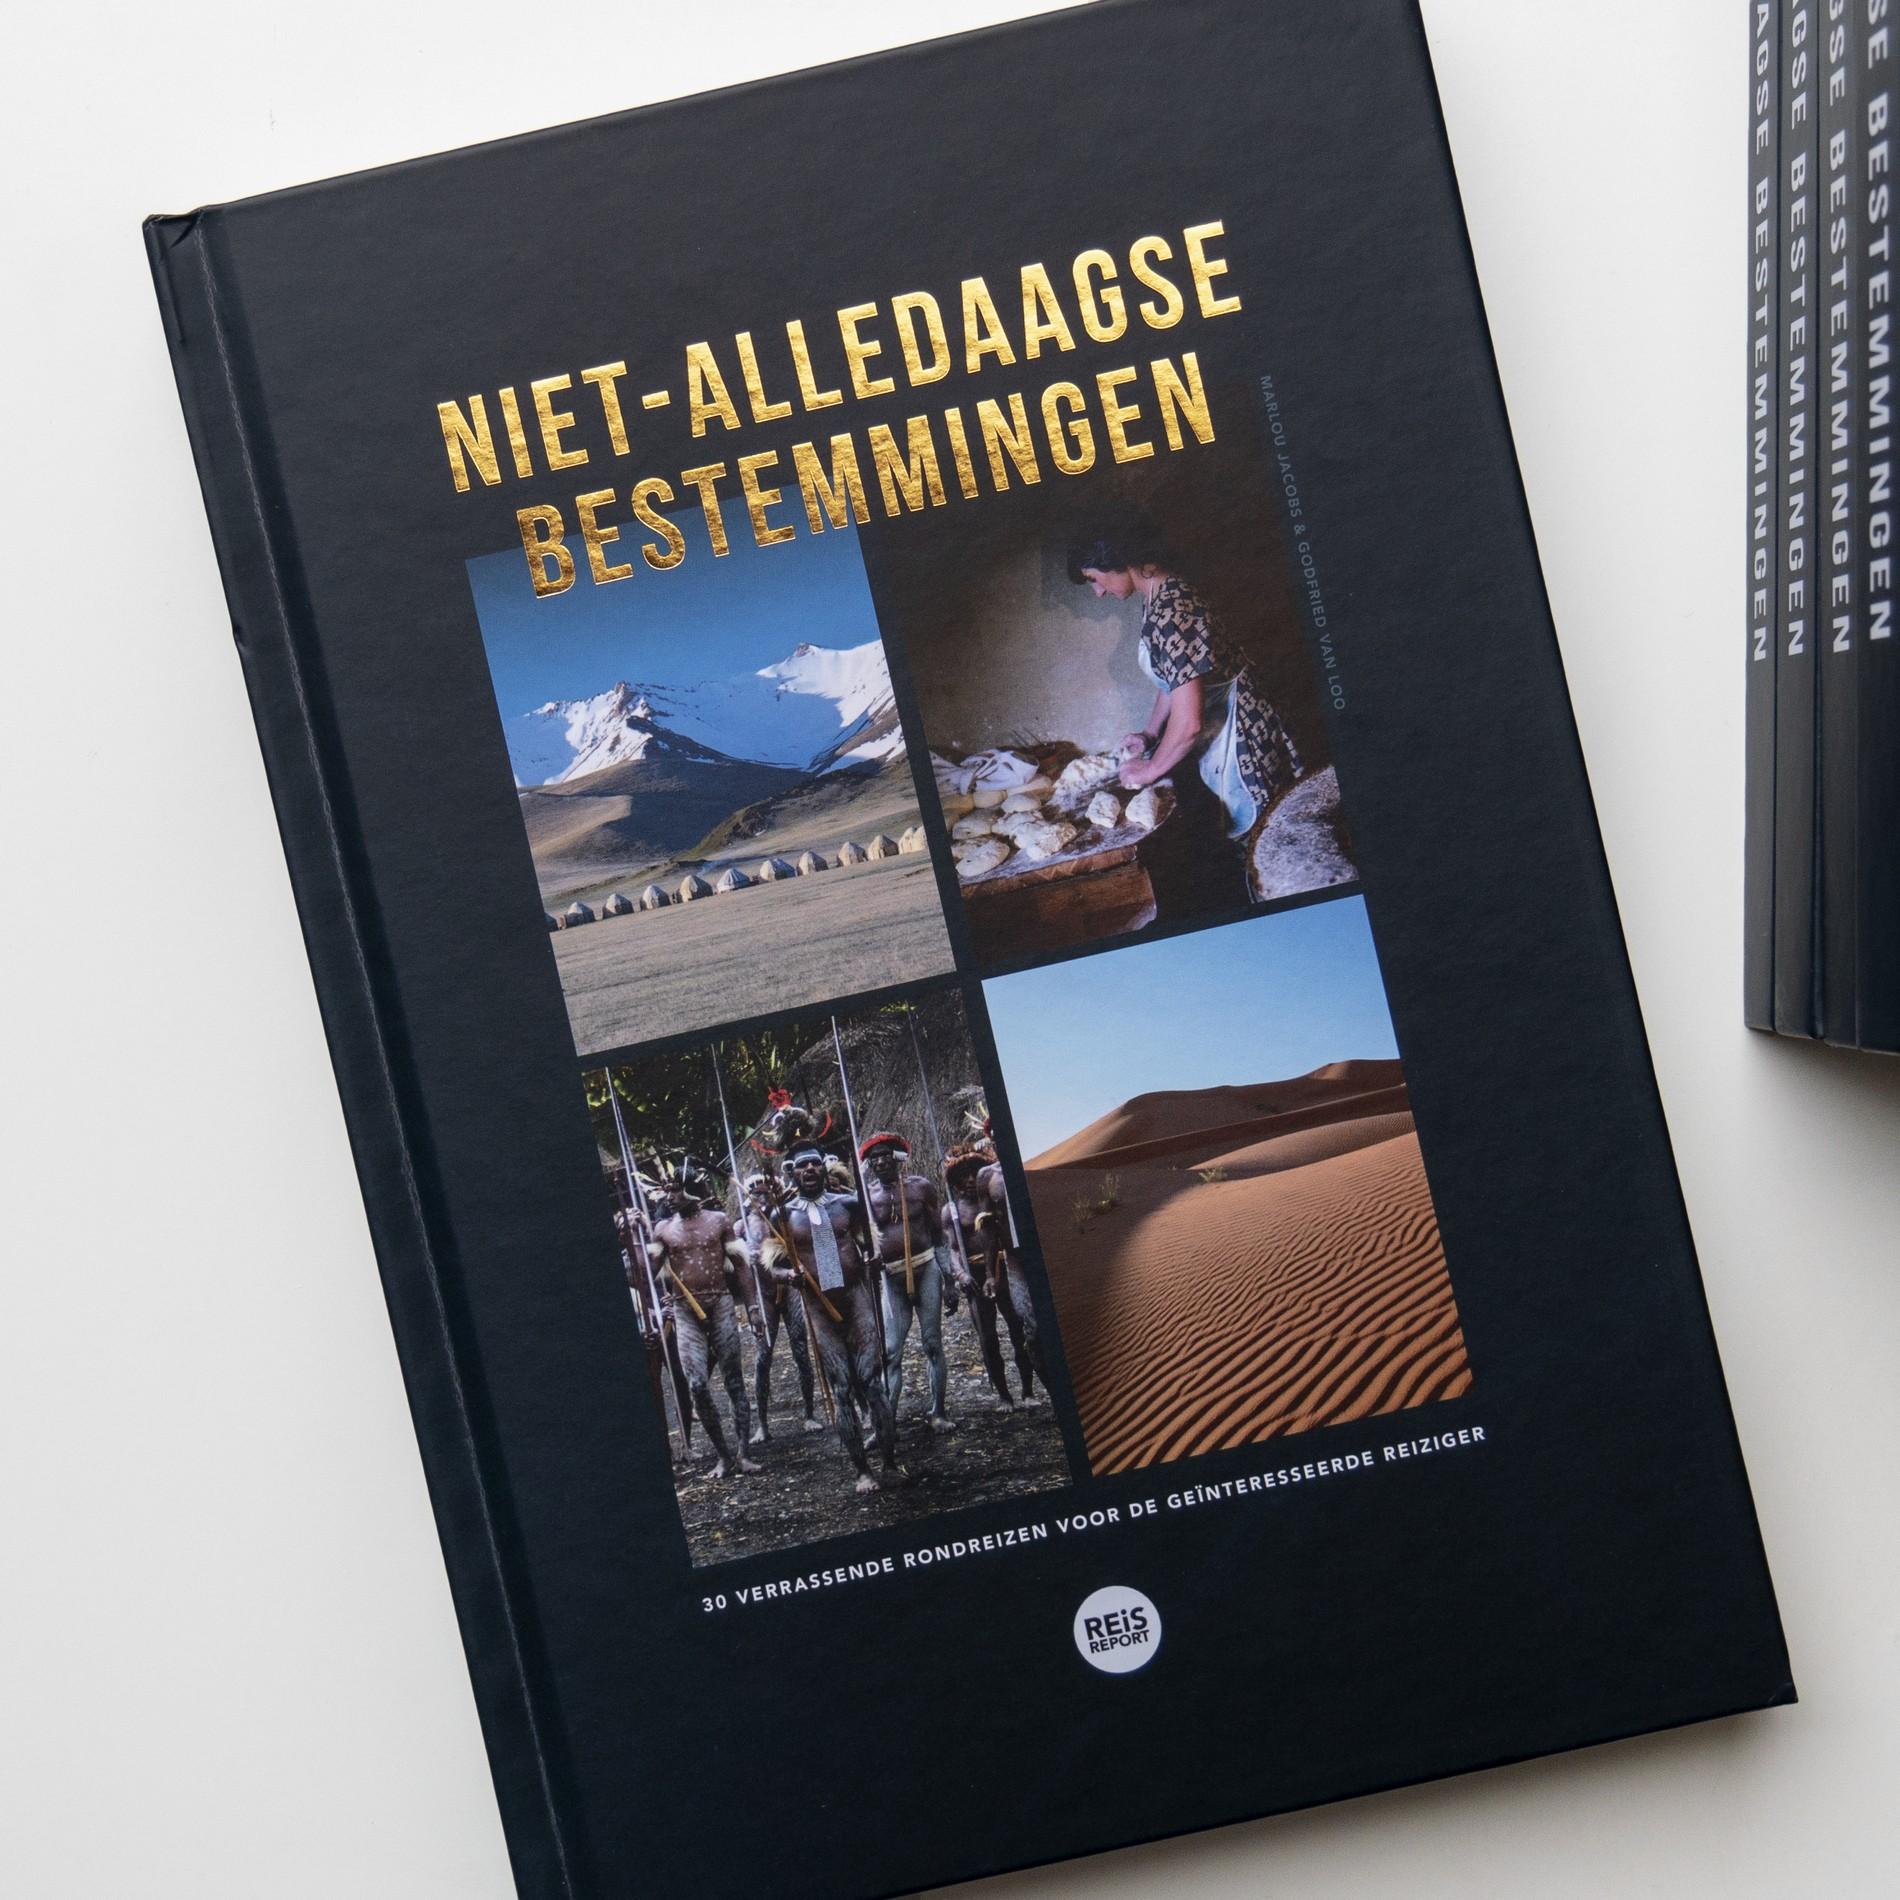 niet-alledaagse-bestemmingen-boek